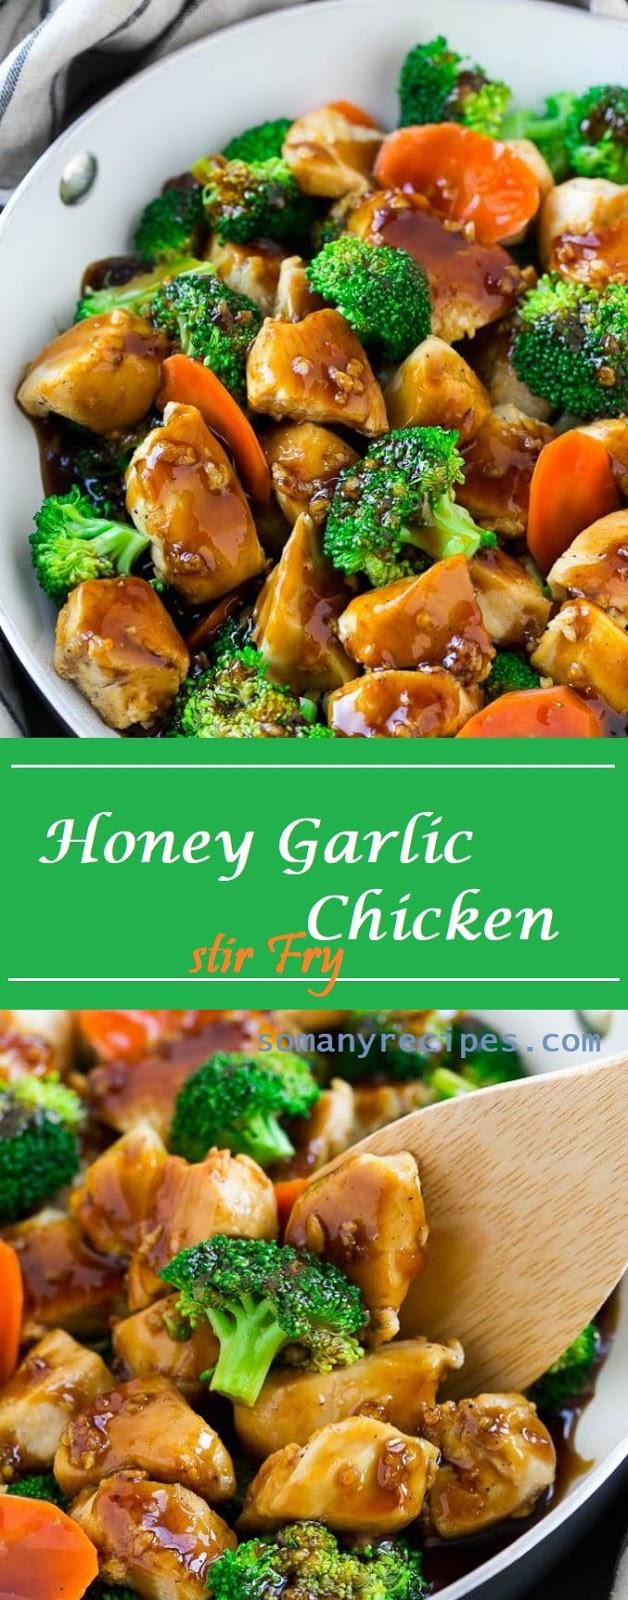 Delicious Honey Garlic Chicken Stir Fry Recipe